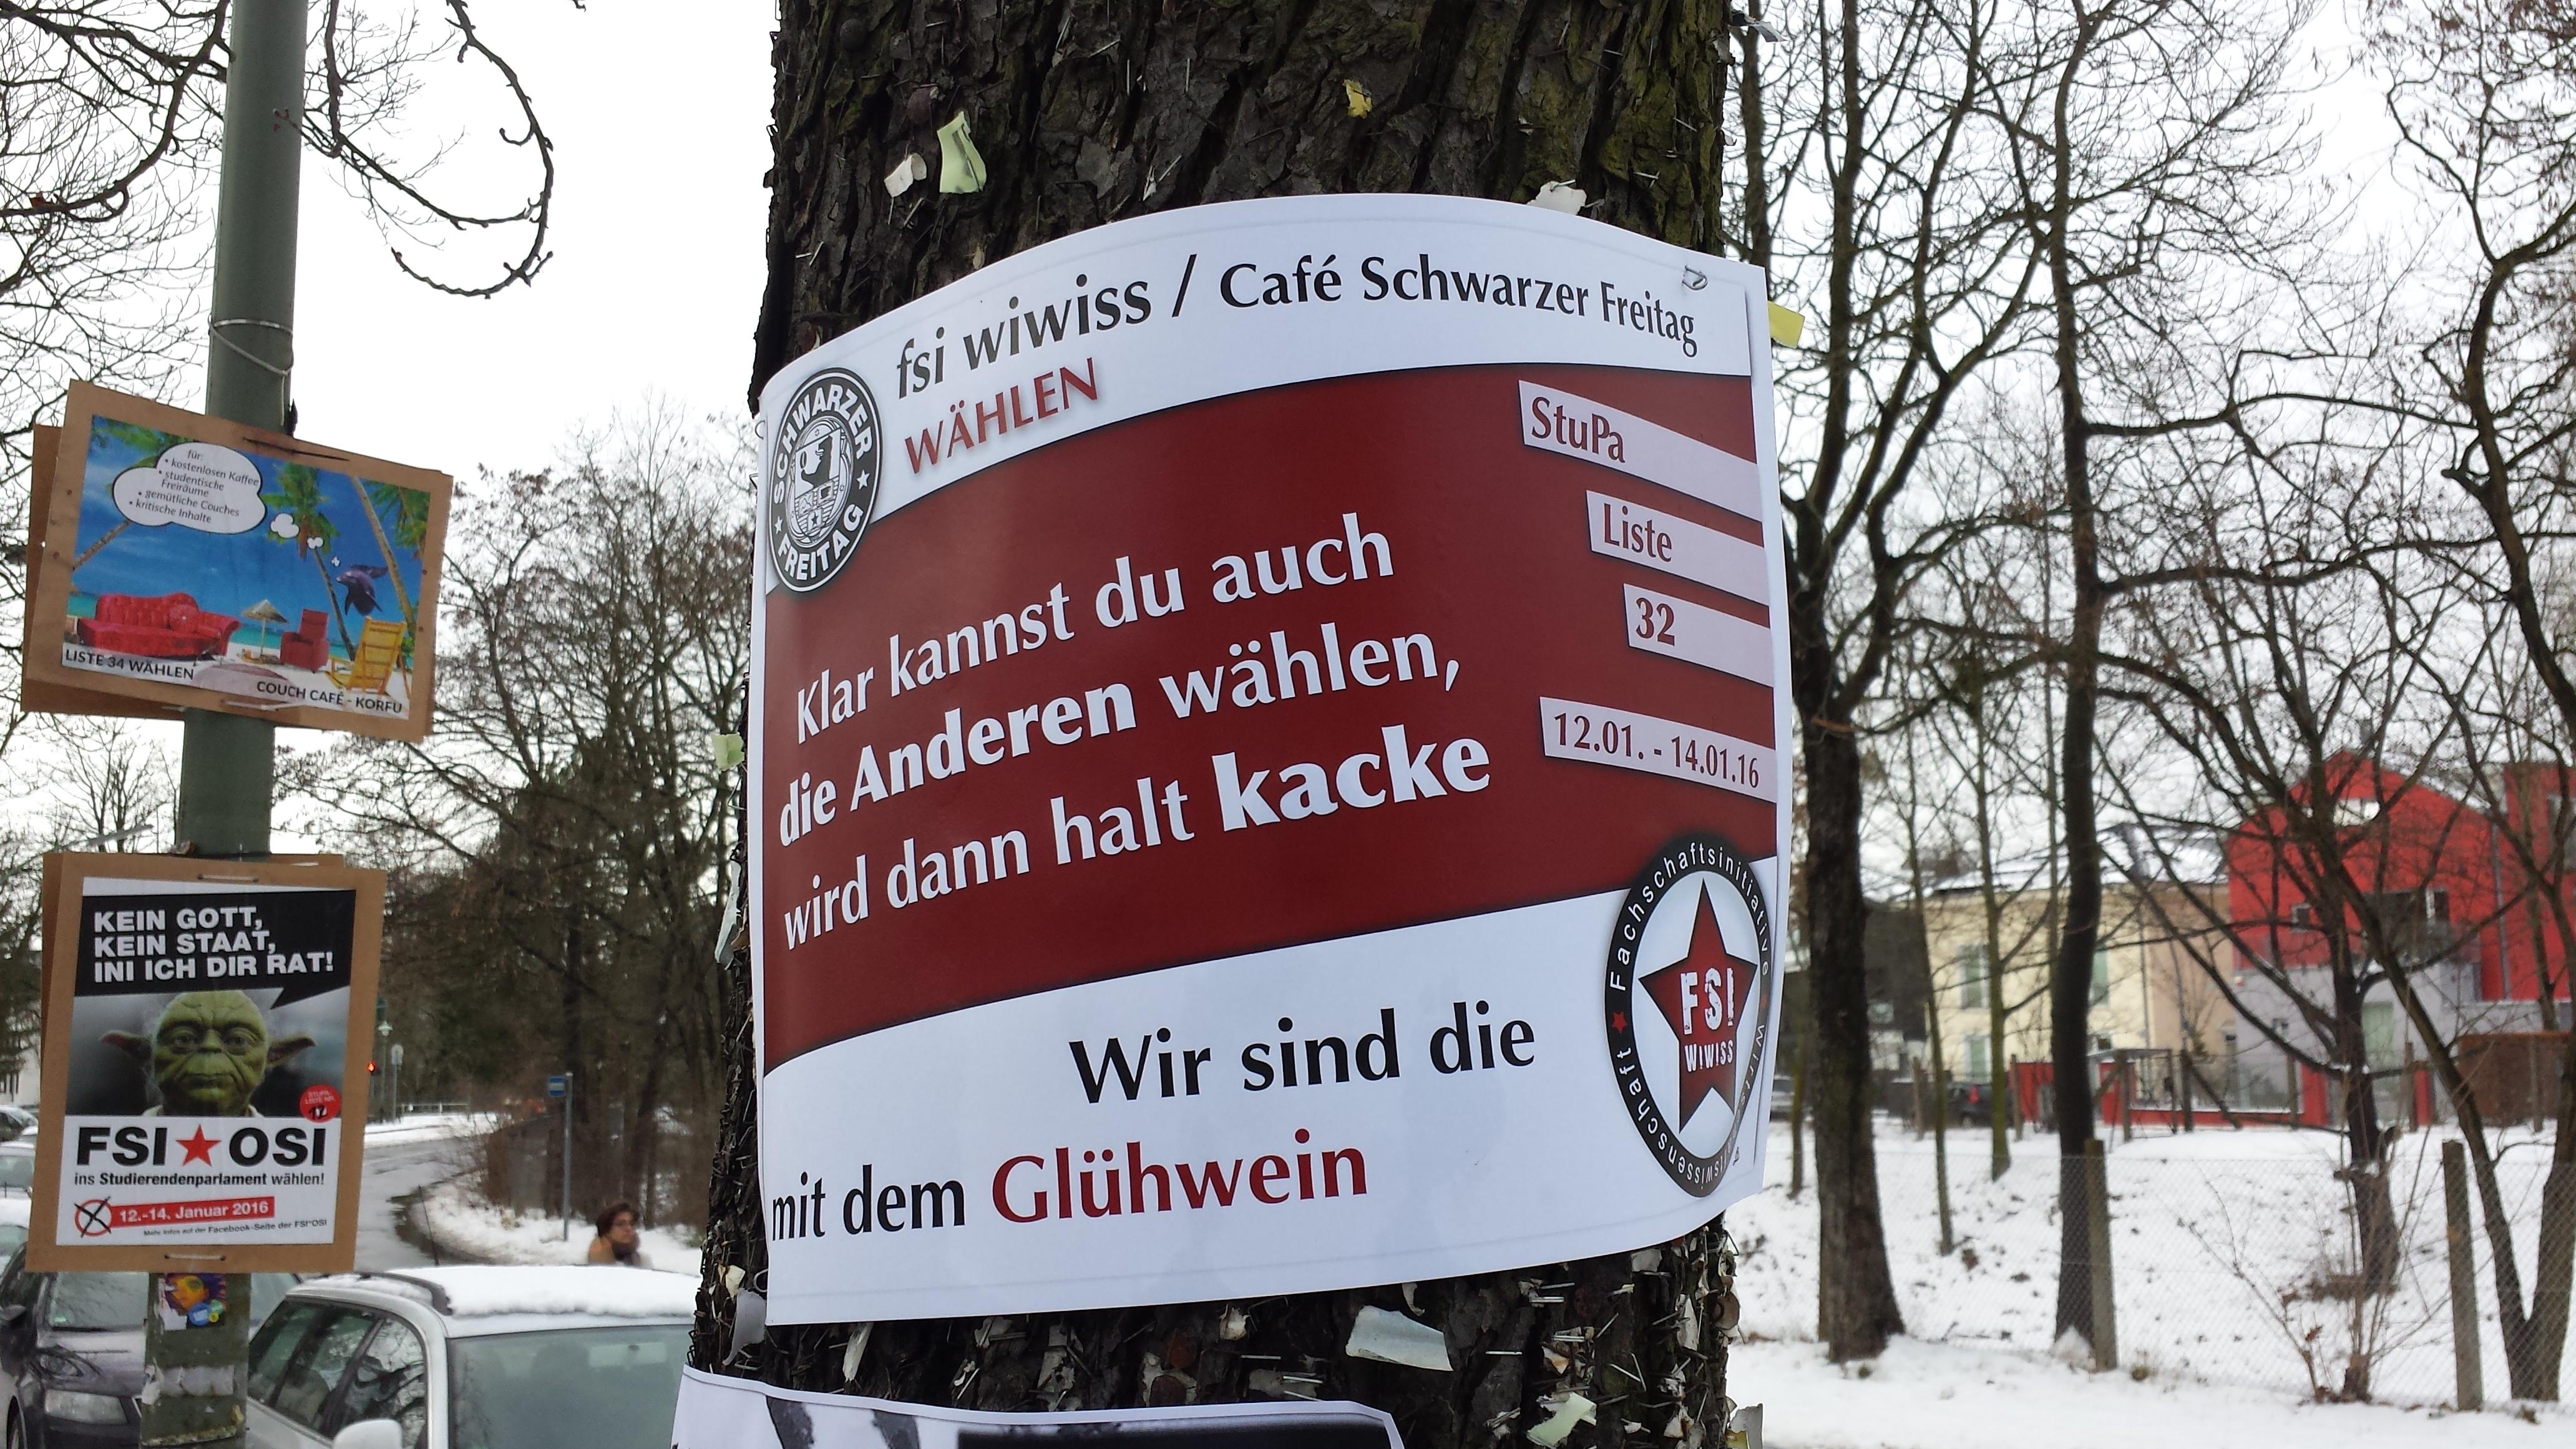 Liste 32 - fsi wiwiss/ Café Schwarzer Freitag